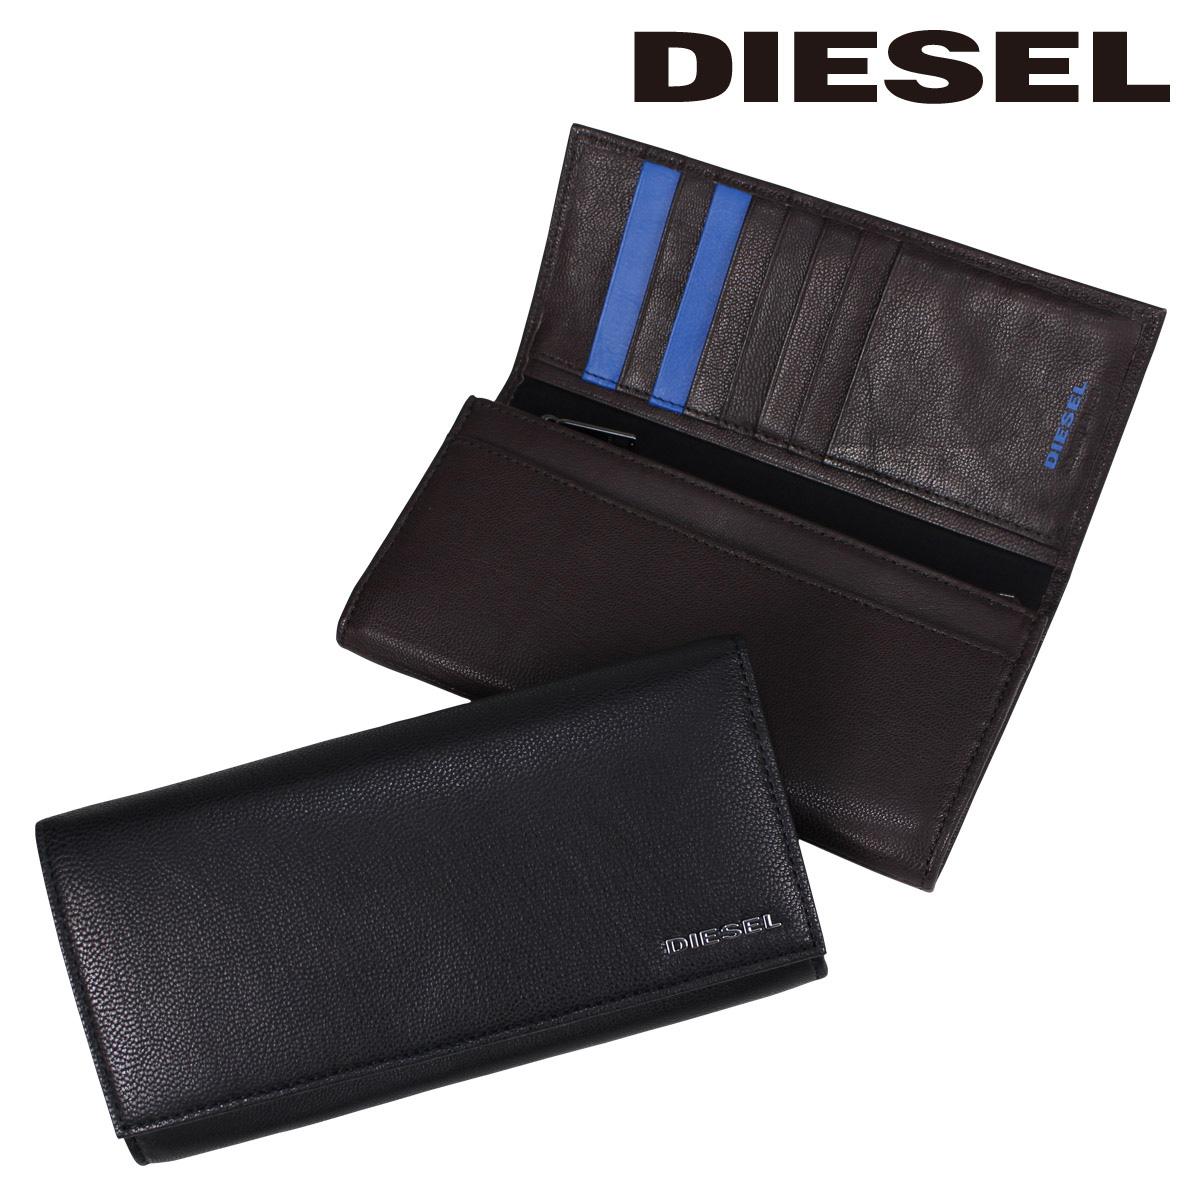 ディーゼル DIESEL 財布 メンズ 長財布 FRESH STARTER 24 A DAY X04457 PR227 ブラック ブラウン